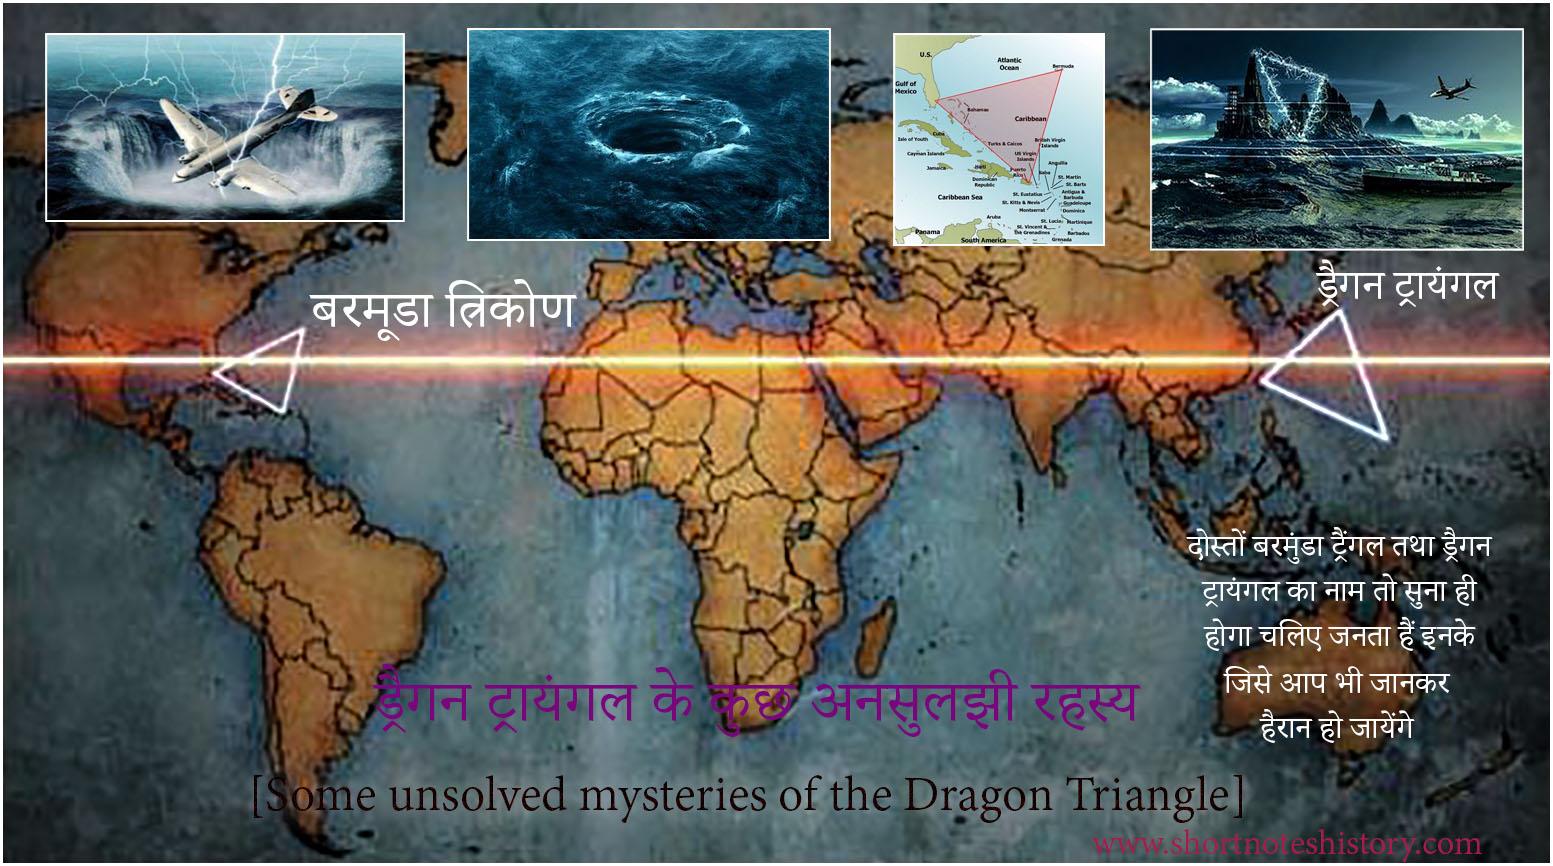 Dragon Triangle in Hindi [ड्रैगन ट्रायंगल के कुछ अनसुलझी रहस्य]